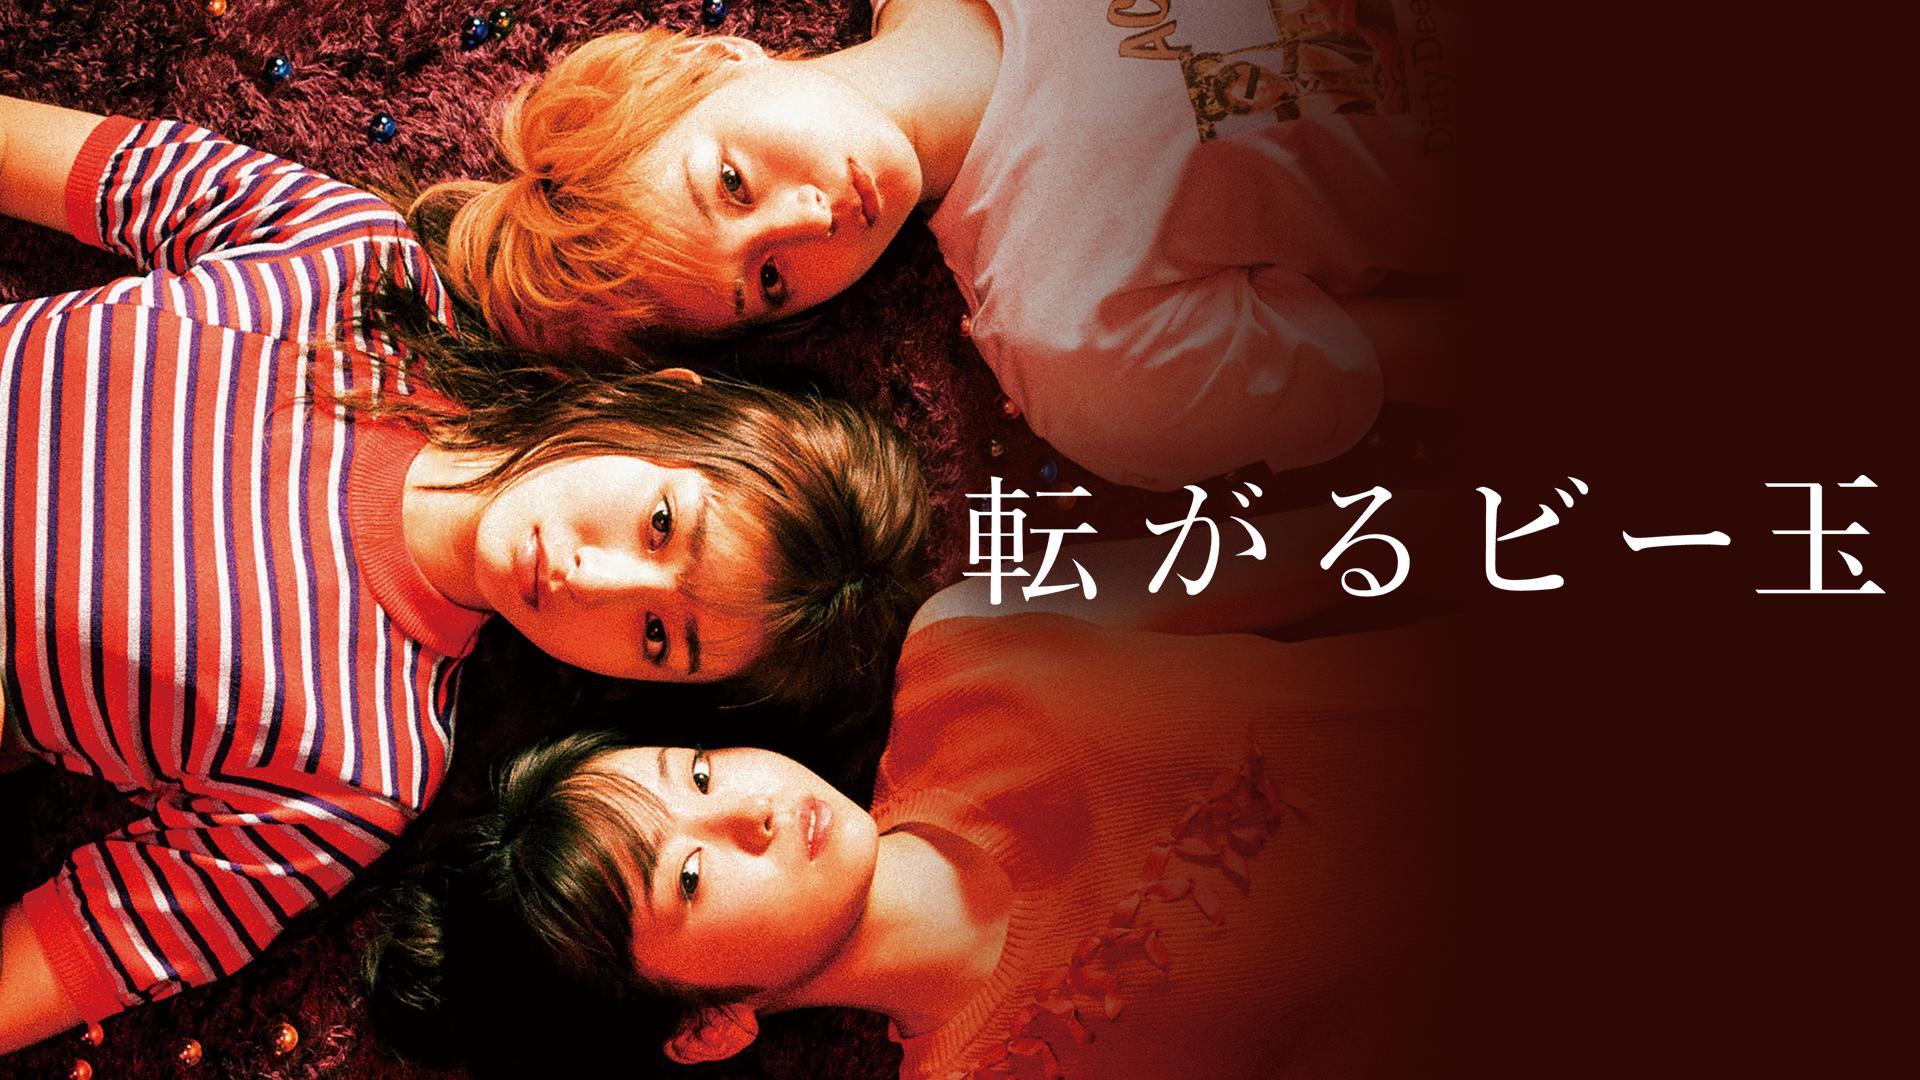 転がるビー玉 渋谷を舞台に、夢を追う女の子たちの青春を描く